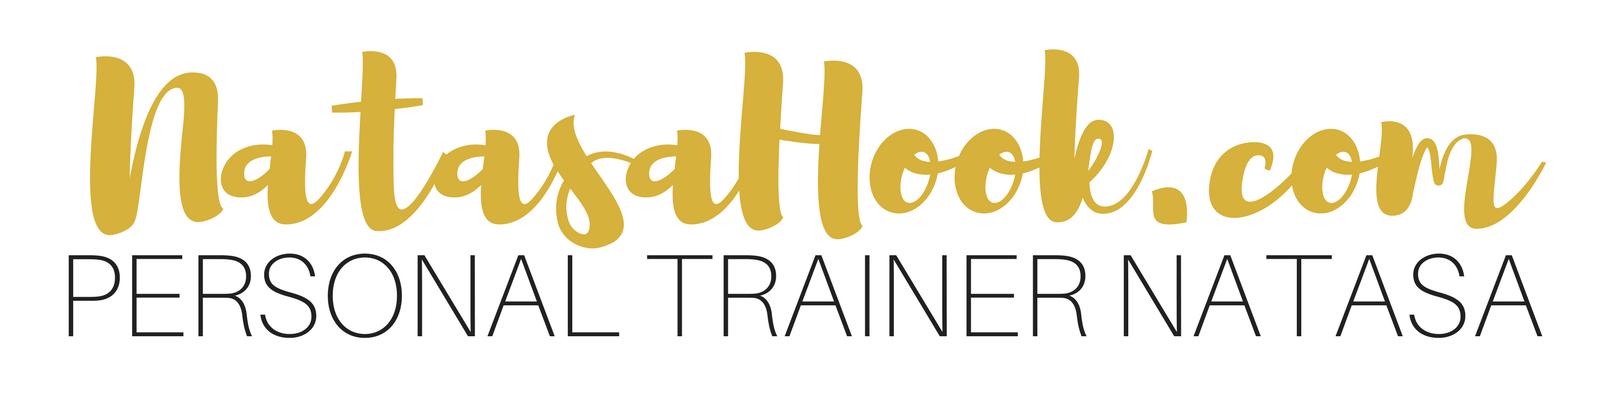 NATASAHOOK.COM - Personal Training ja nettivalmennukset äideille